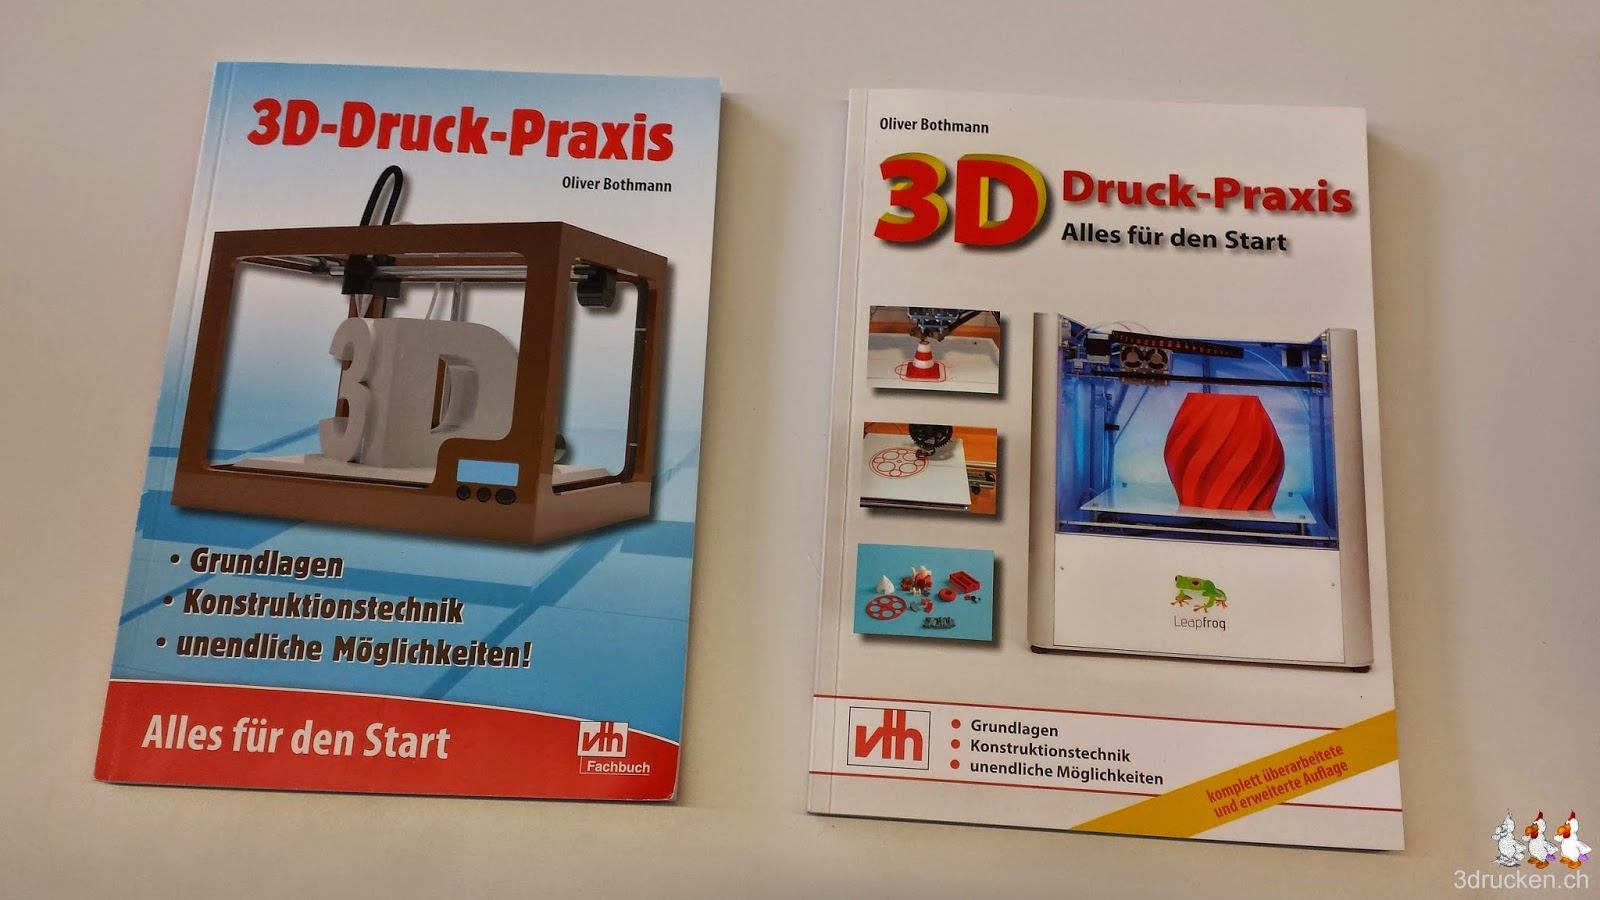 Foto der Covers beider Ausgaben des Buches '3D-Druck-Praxis: Alles für den Start' von Oliver Bothmann